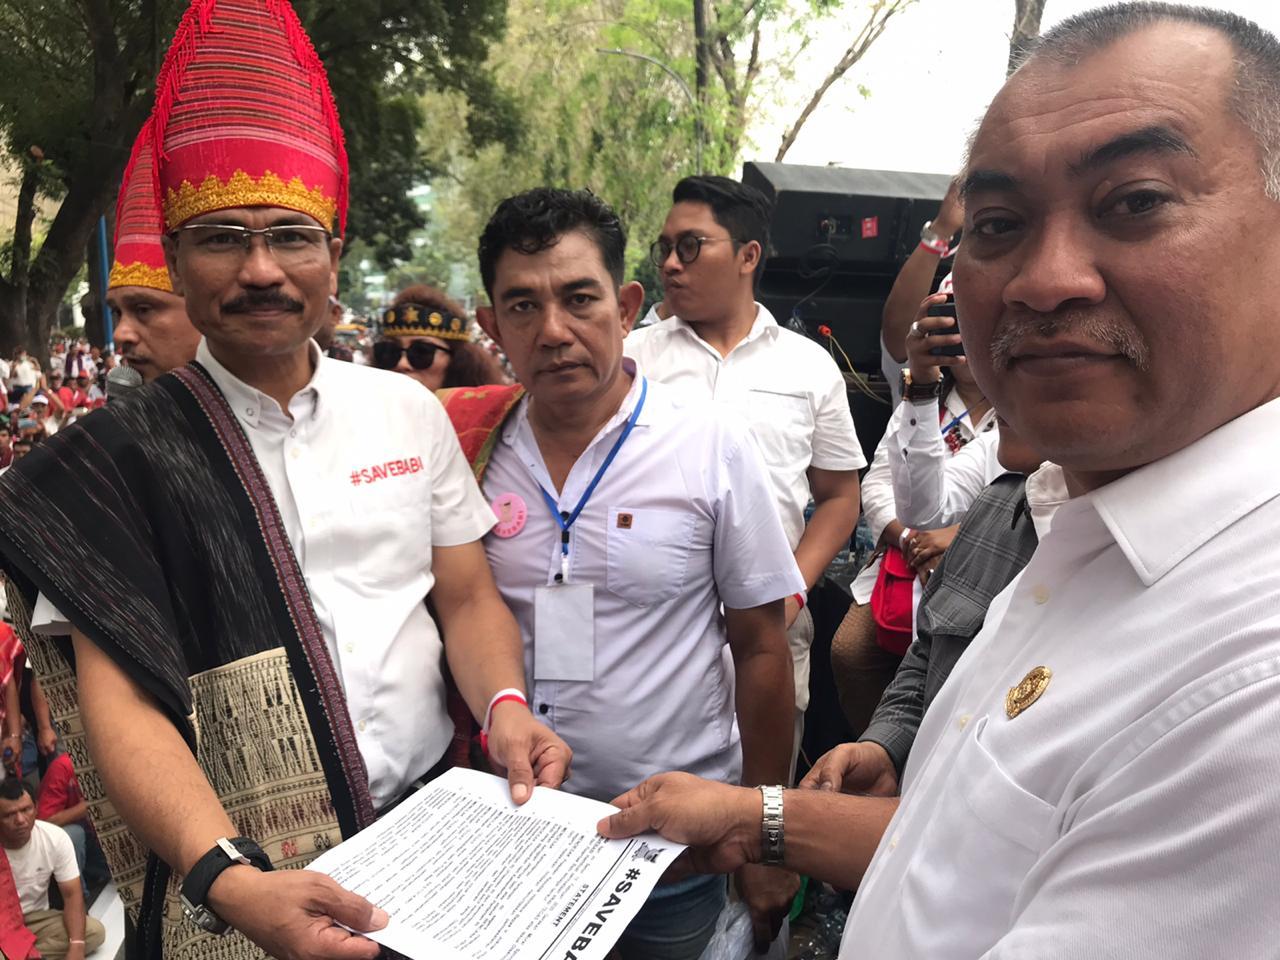 Wakil Ketua DPRD Sumut, Katakan Isu Gubsu Melakukan Pemusnahan Babi Fitnah